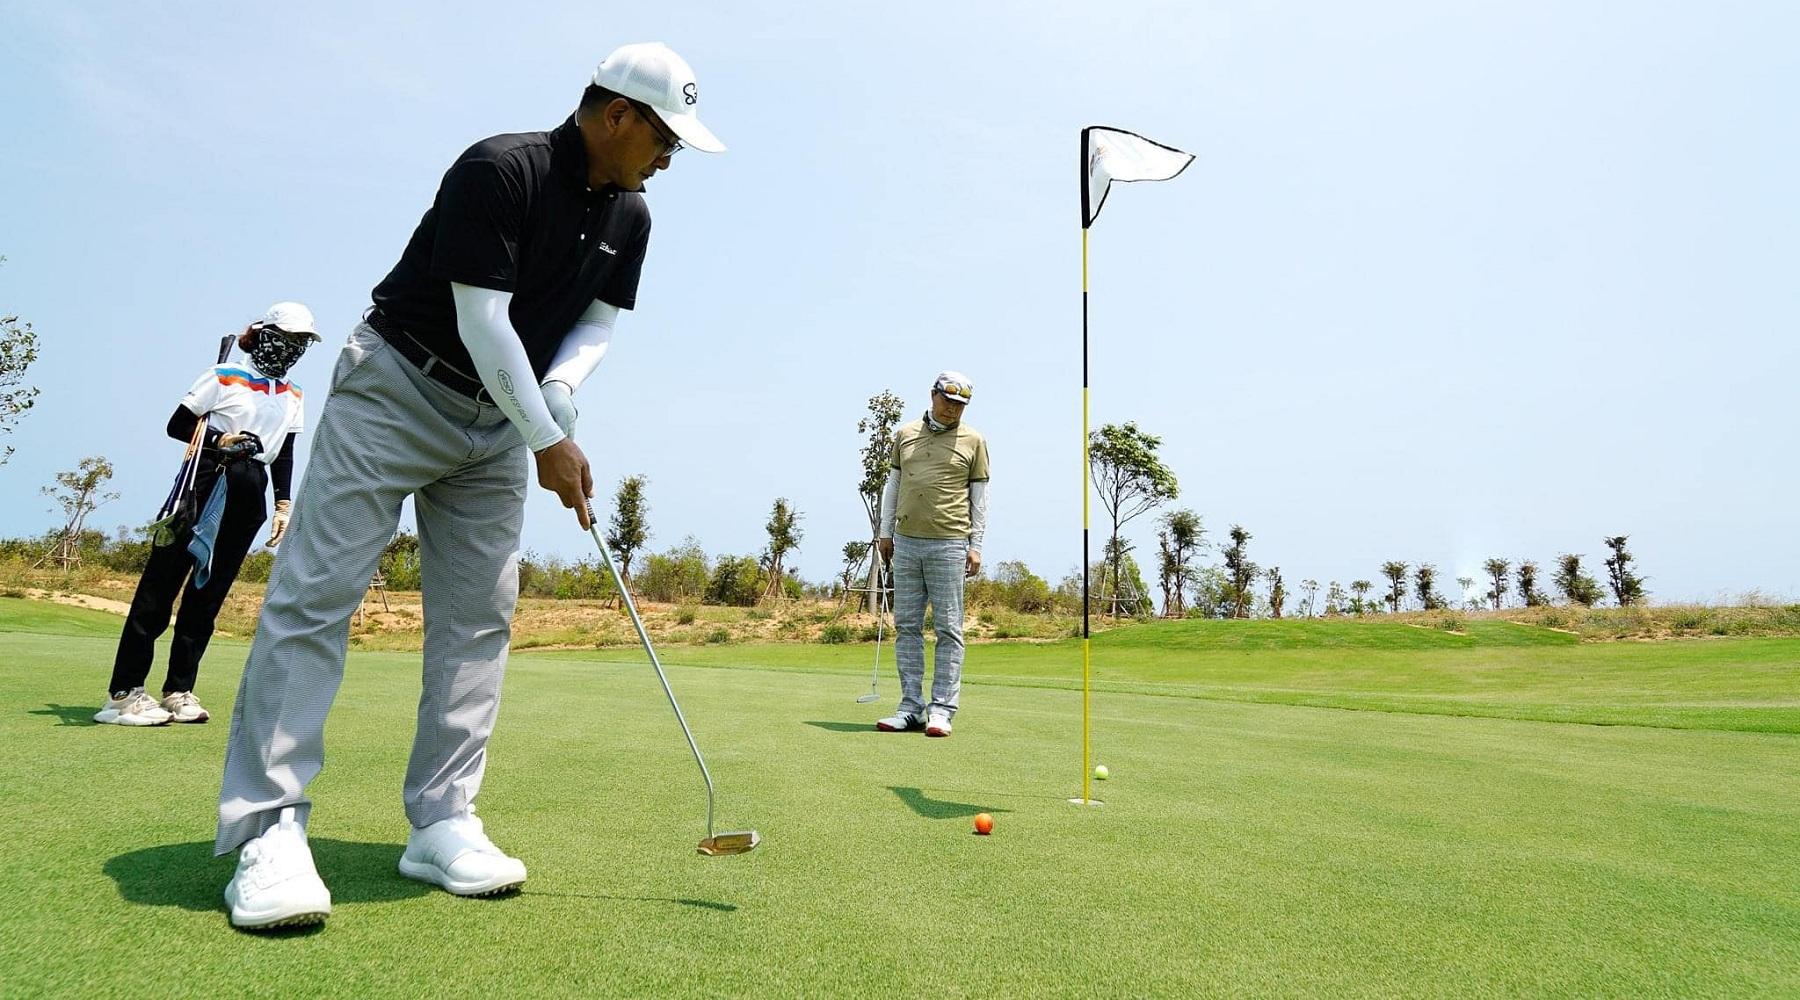 Lý do Biệt thự Golf luôn là một sự đầu tư tuyệt vời